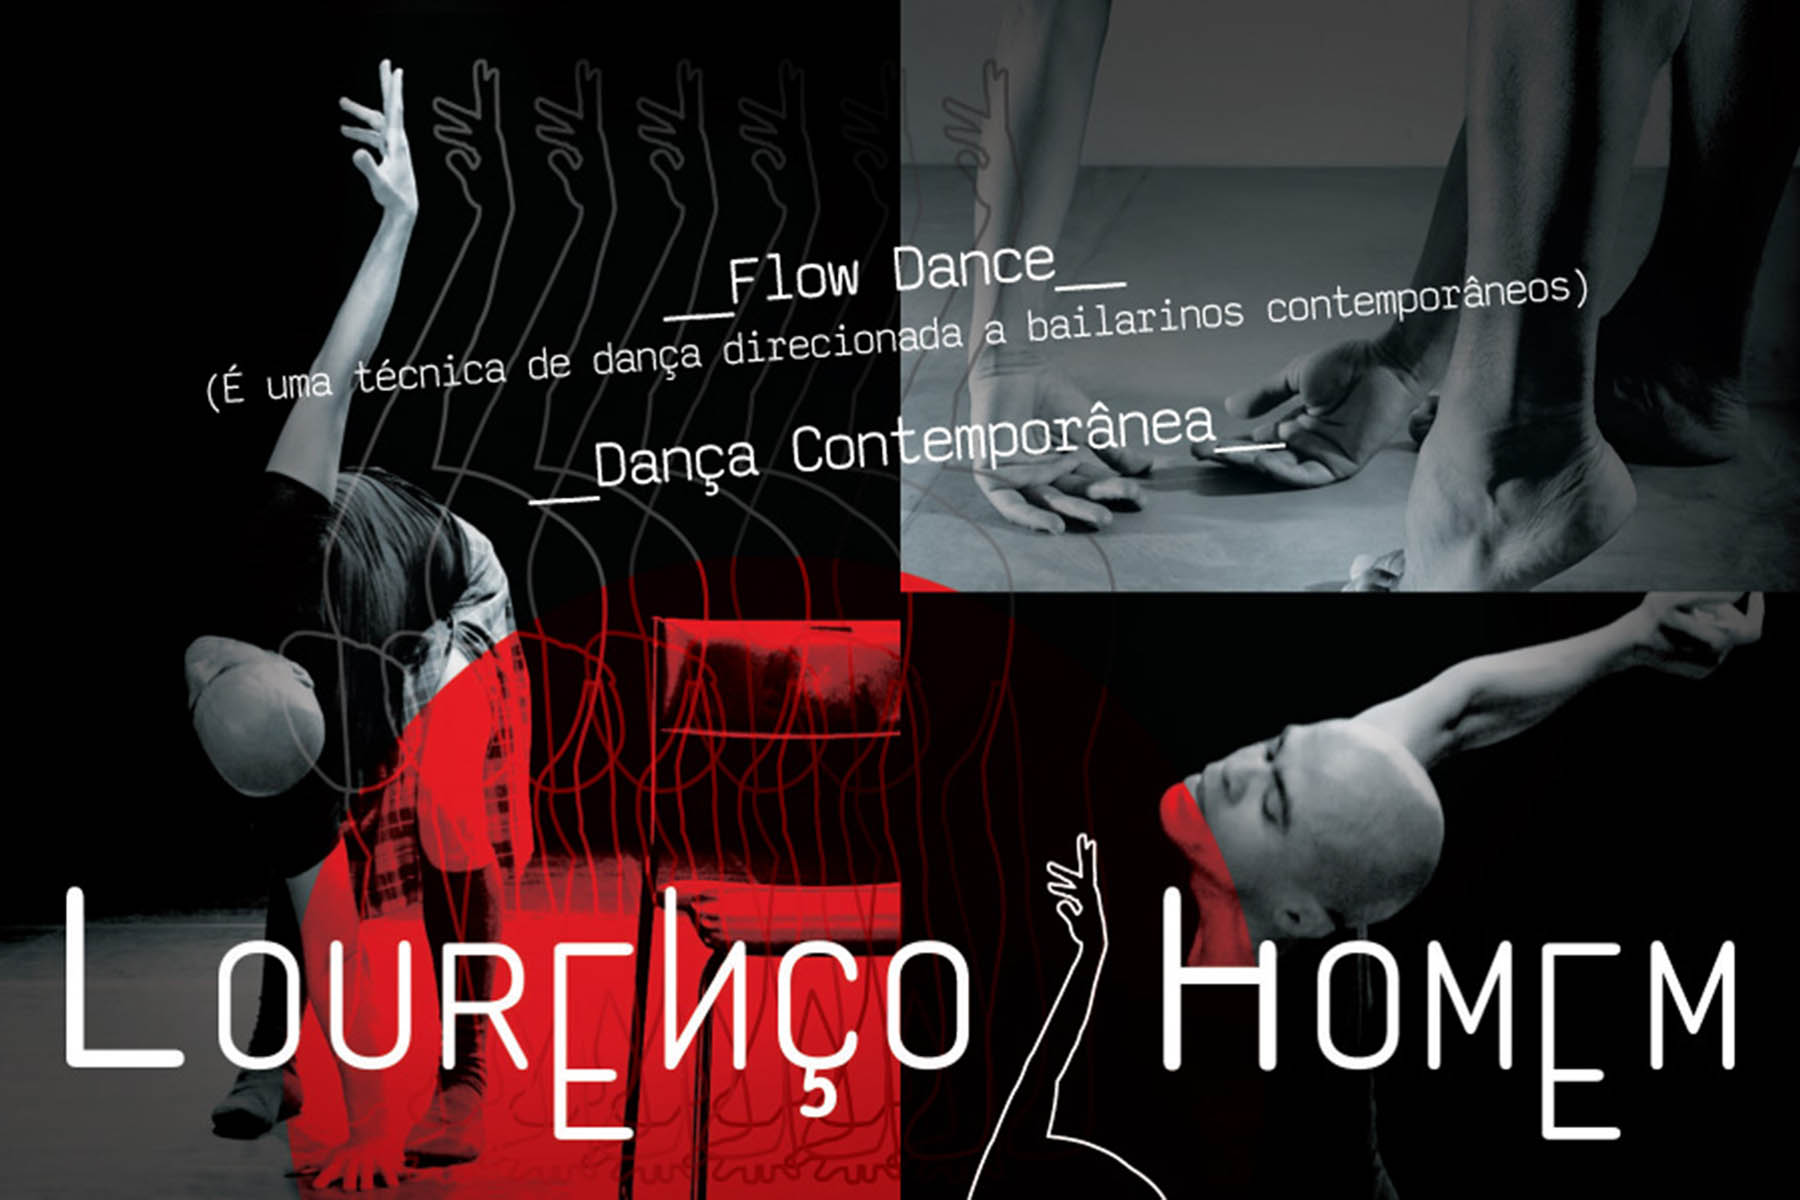 lourencohomem_flowdance_specialclass2